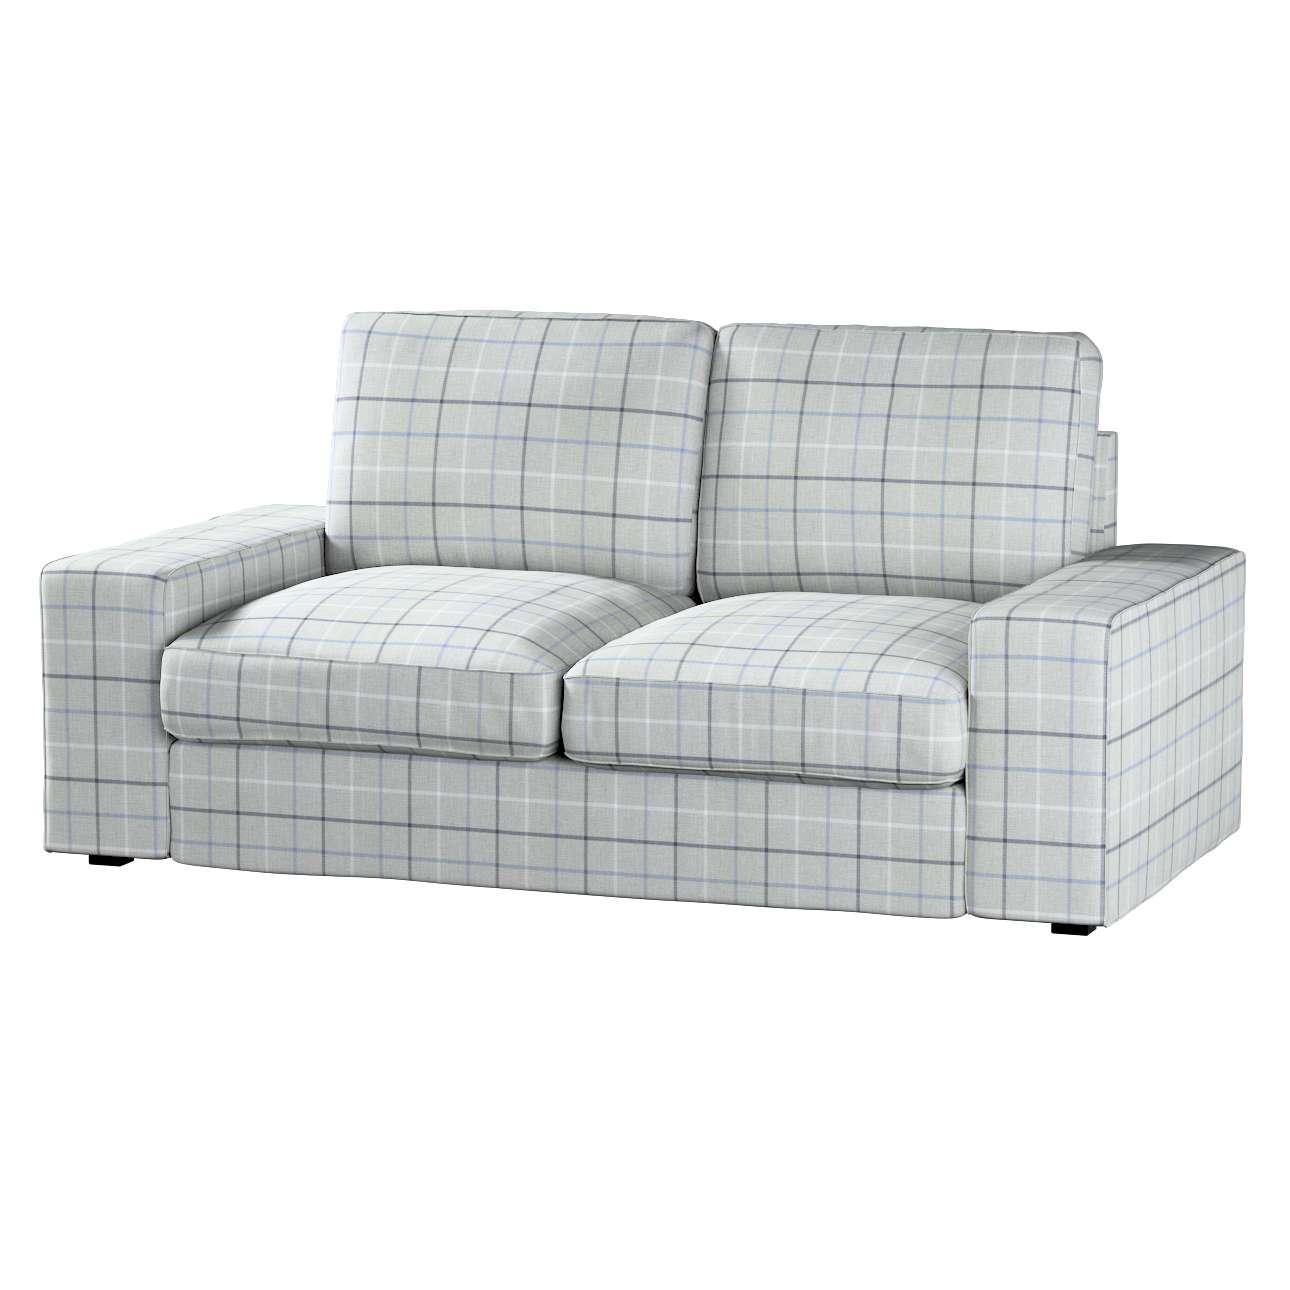 Pokrowiec na sofę Kivik 2-osobową, nierozkładaną w kolekcji Edinburgh, tkanina: 703-18